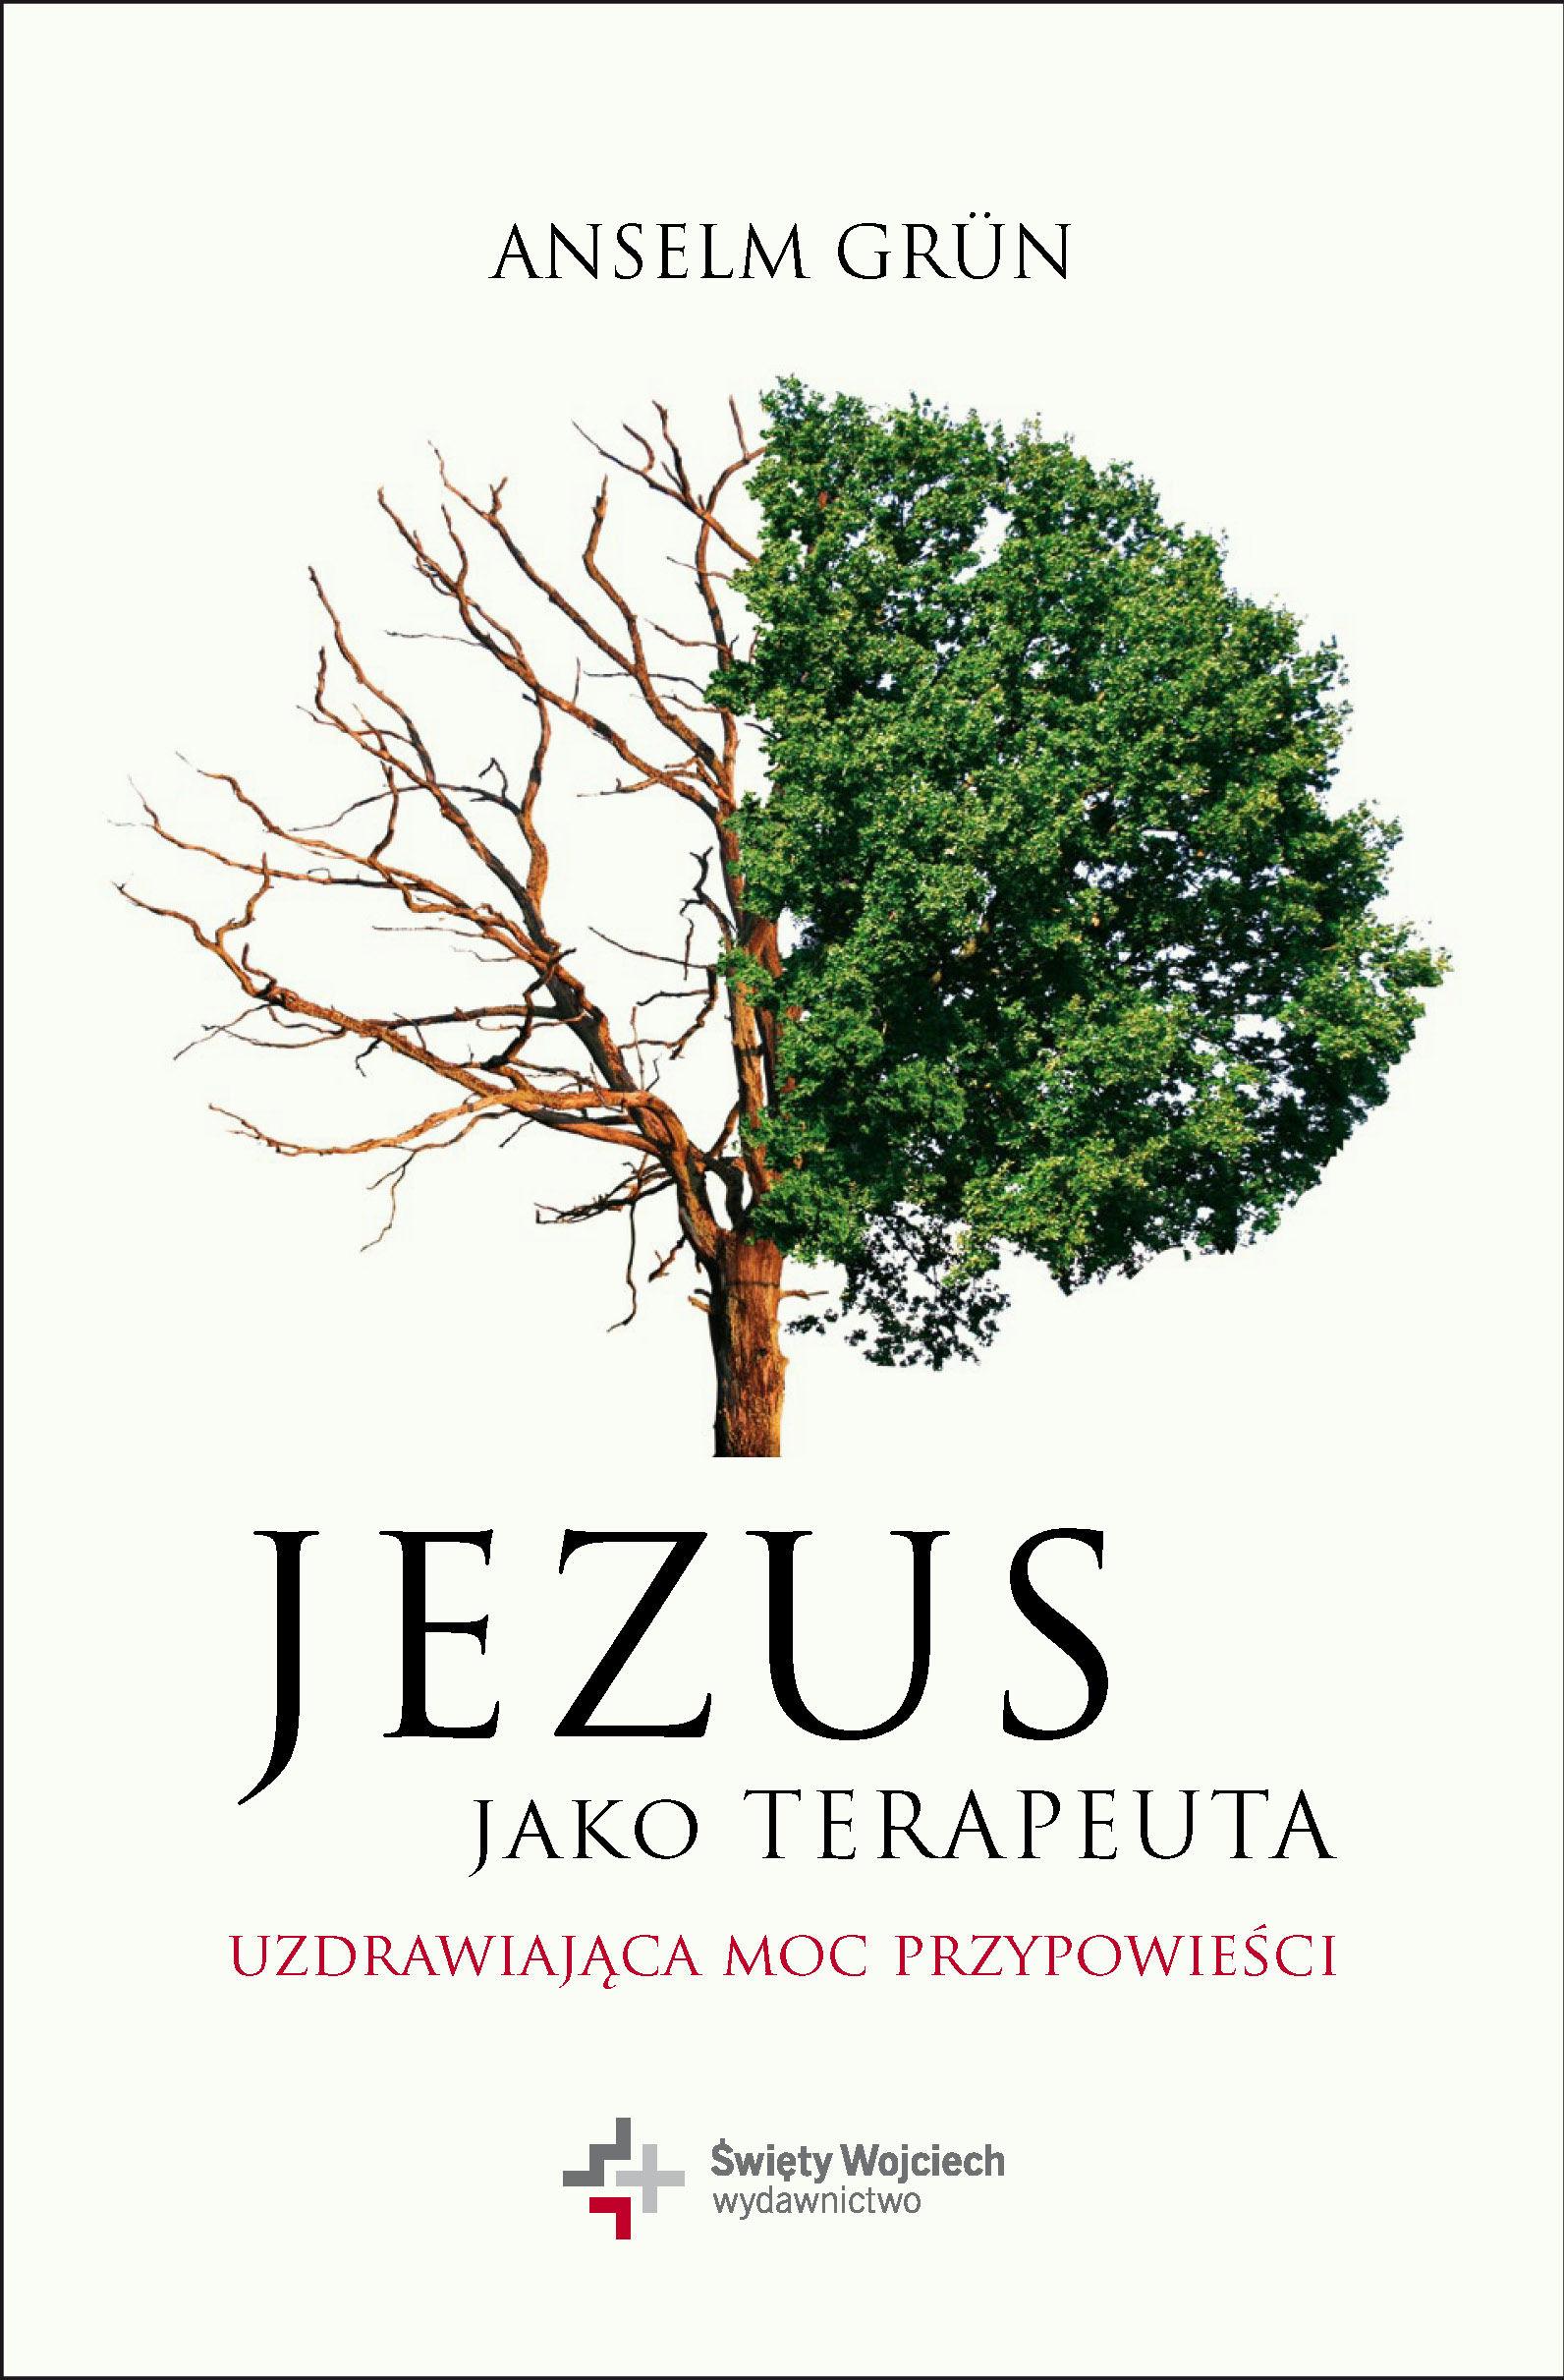 Jezus jako terapeuta. Uzdrawiająca moc przypowieści - o. Anselm Grün OSB - ebook